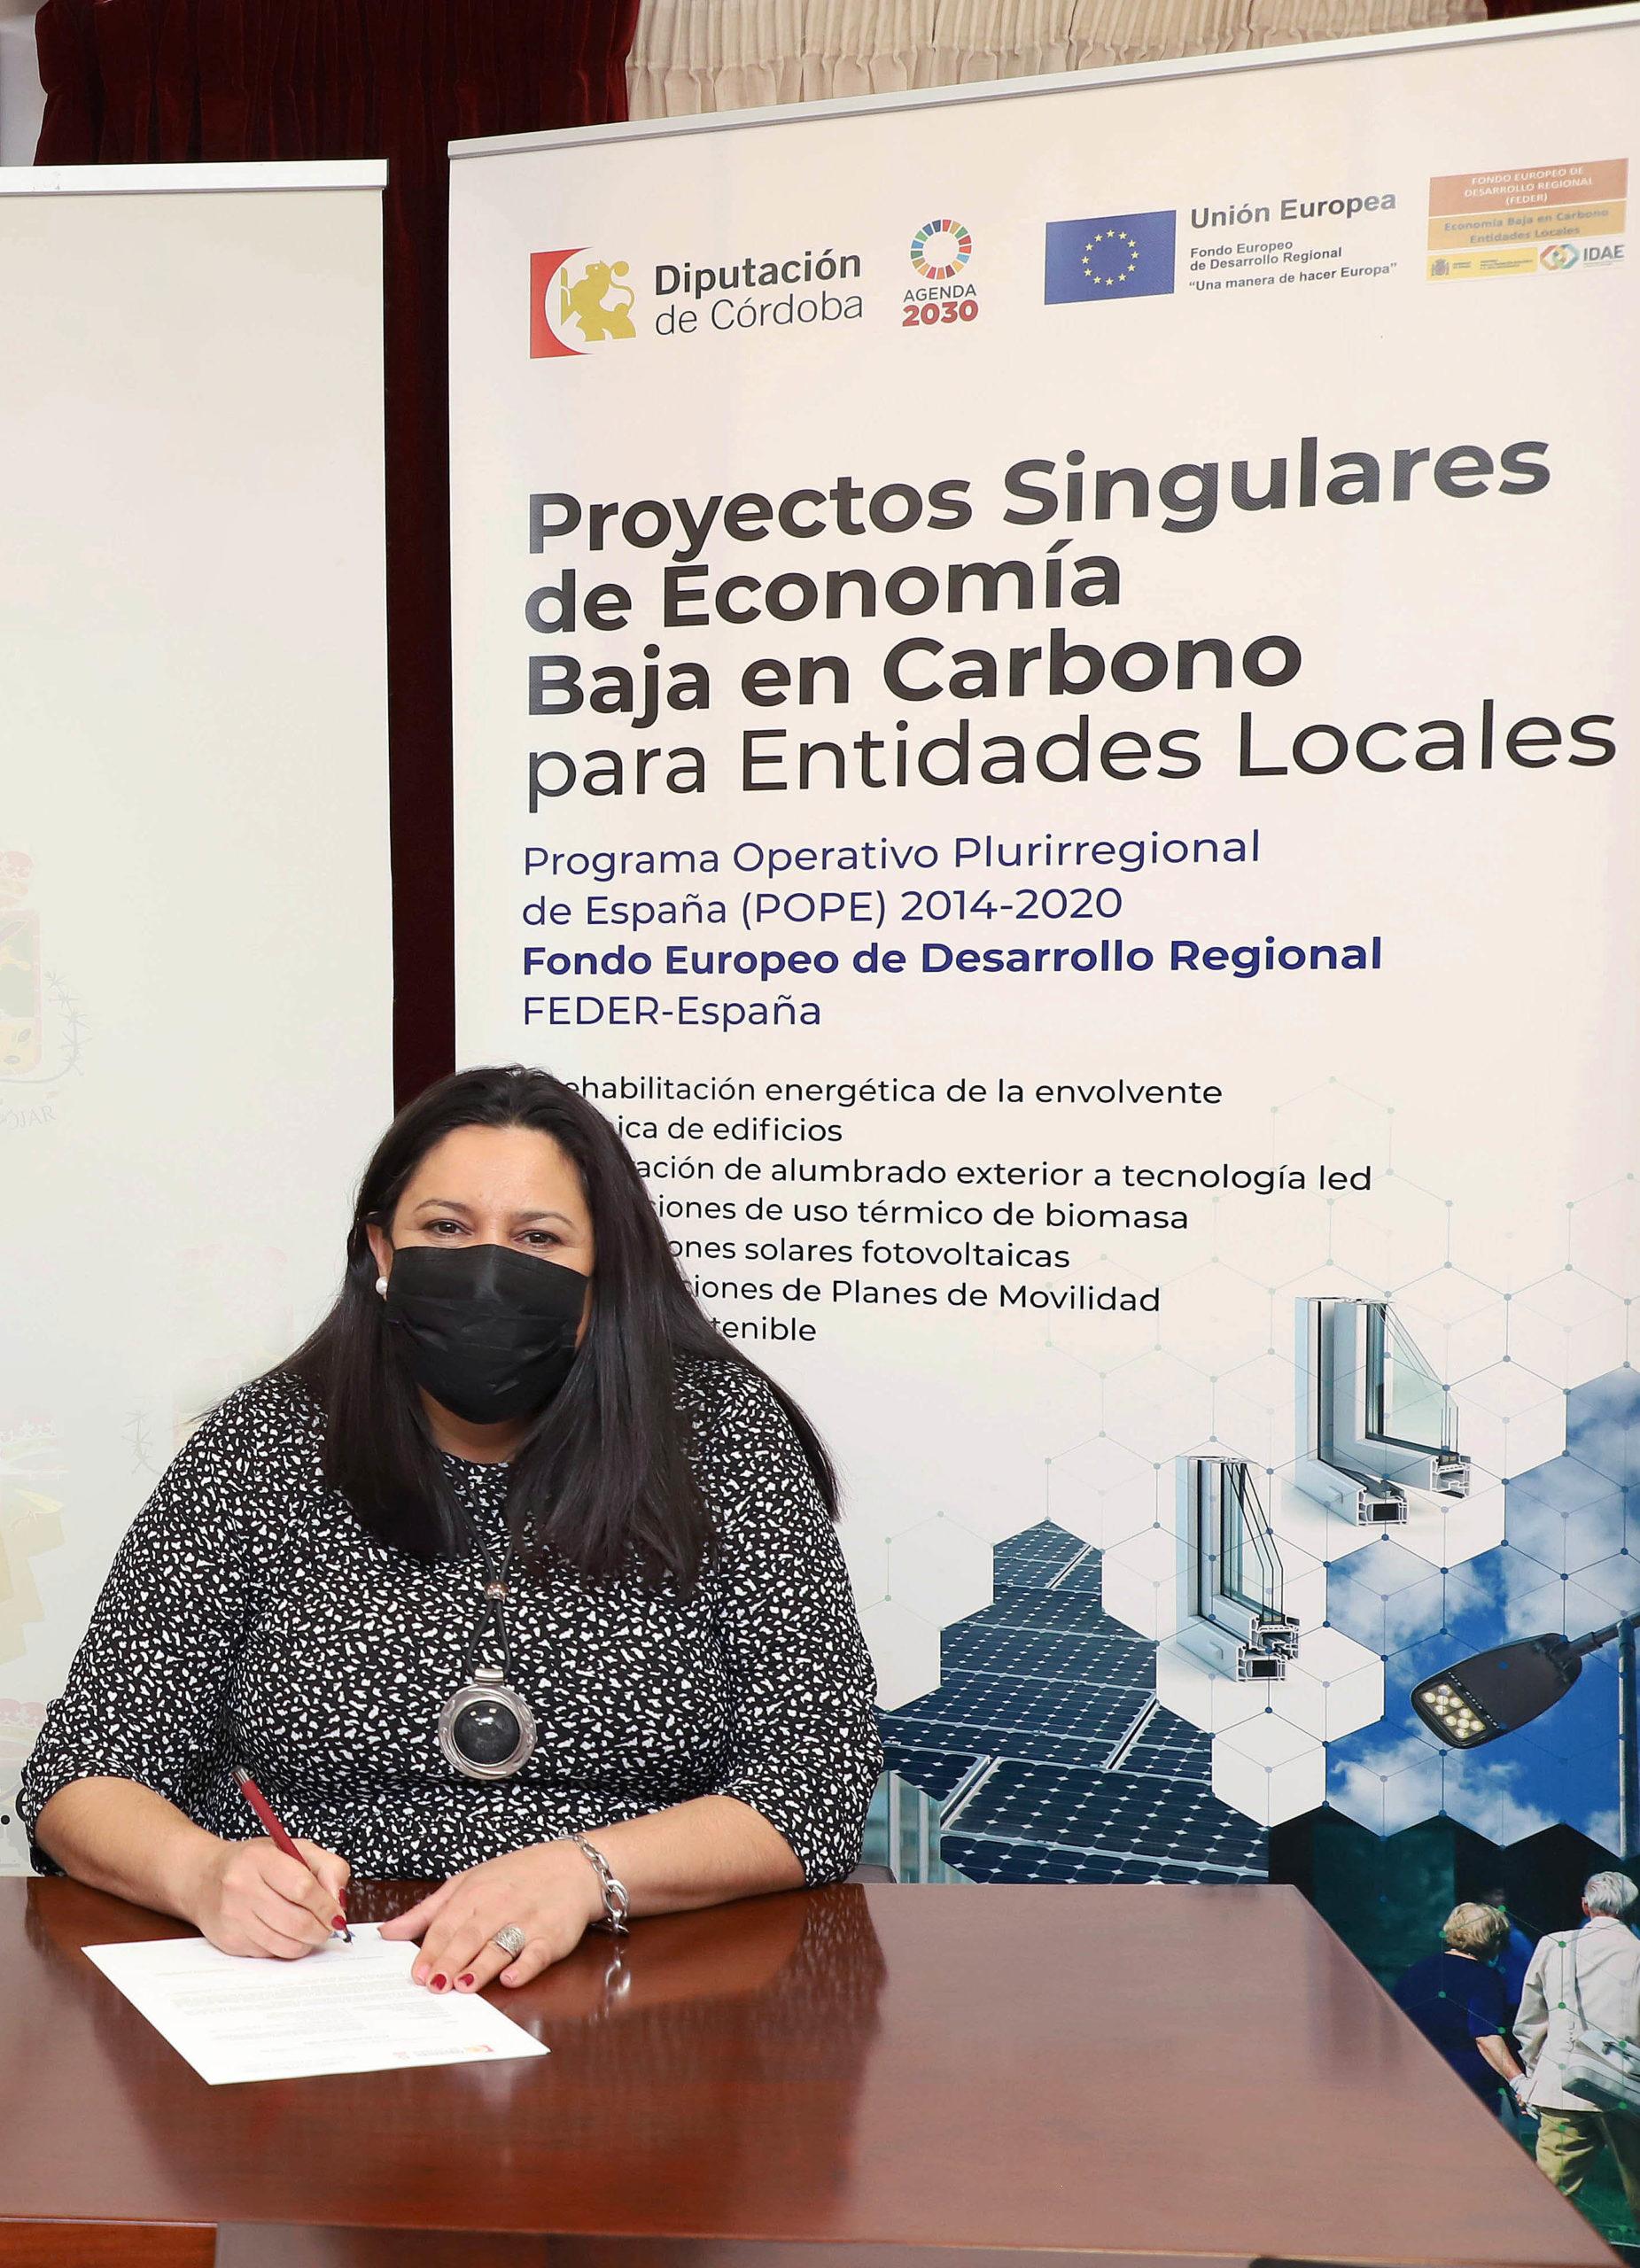 La Diputación consigue una segunda subvención europea para Peñarroya-Pueblonuevo que permitirá el cambio de 248 luminarias más